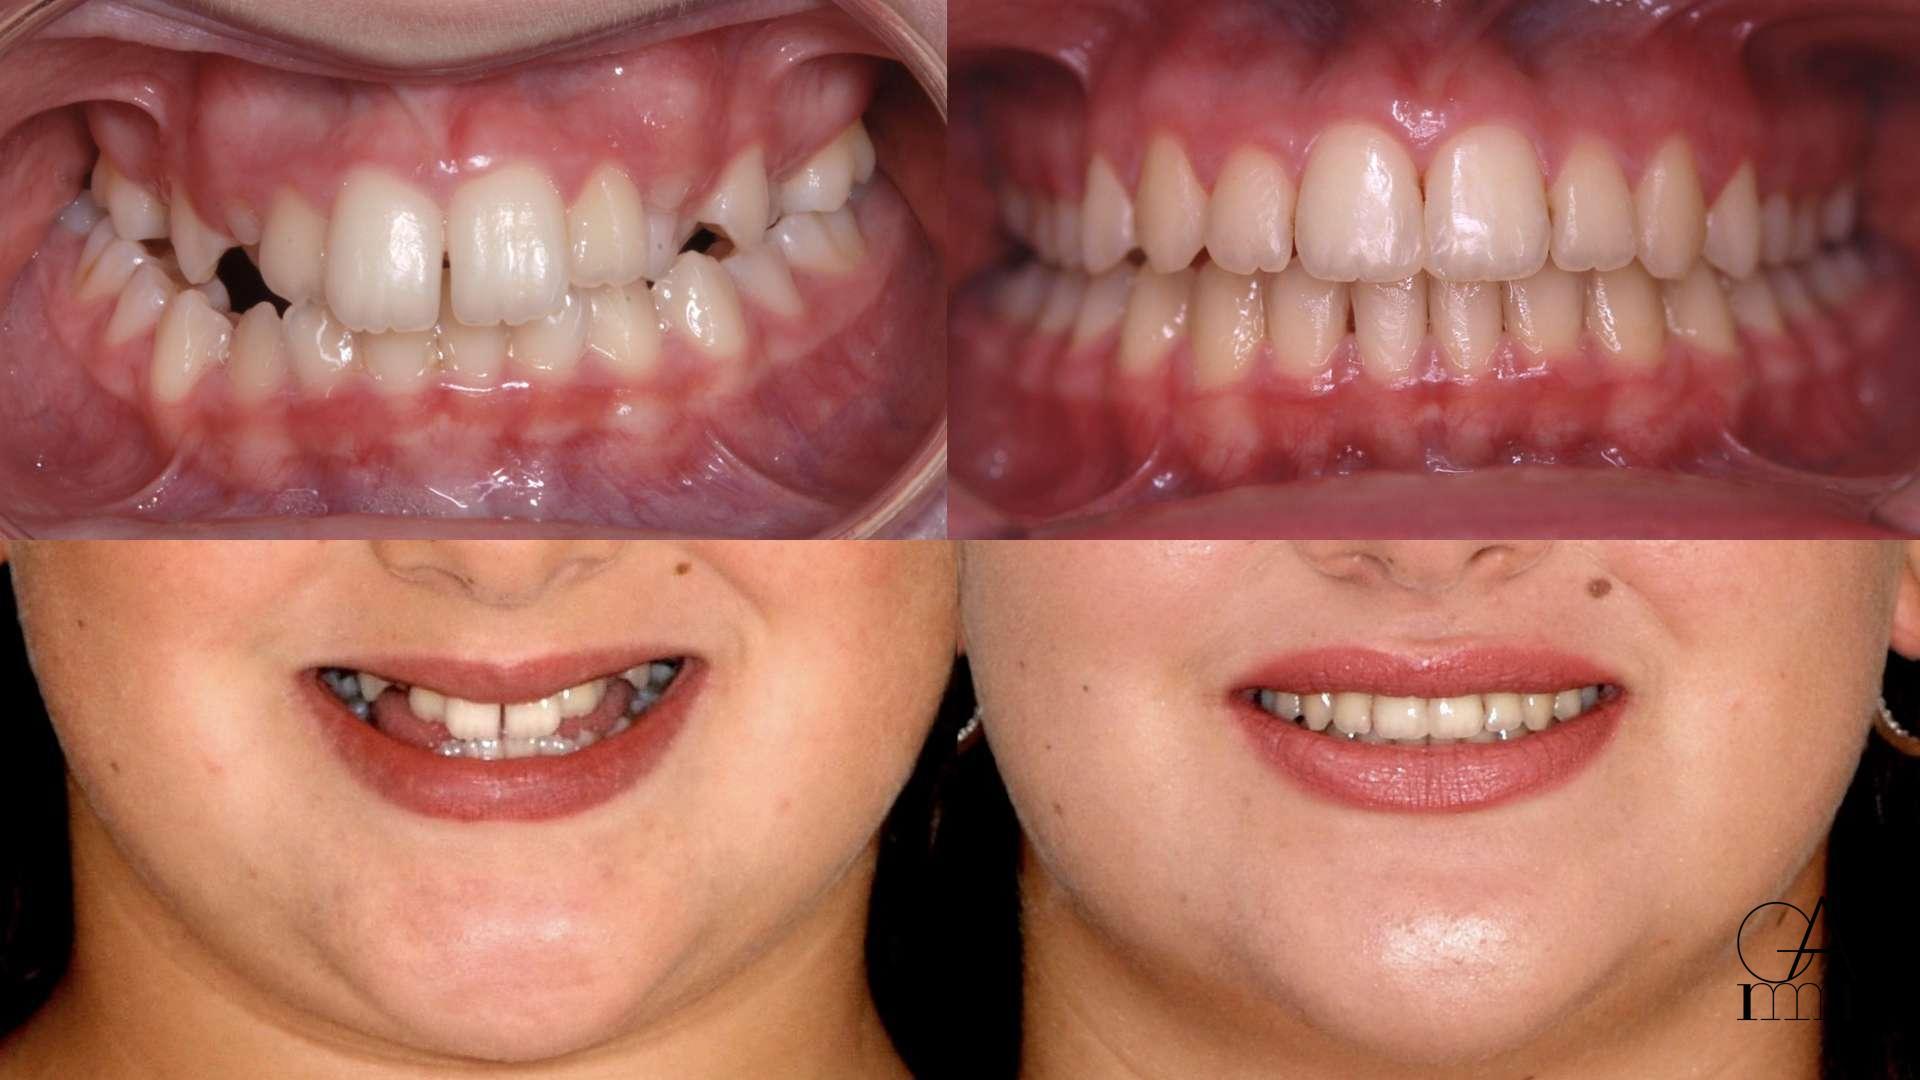 Trattamento con Epr e ortodonzia fissa tradizionale